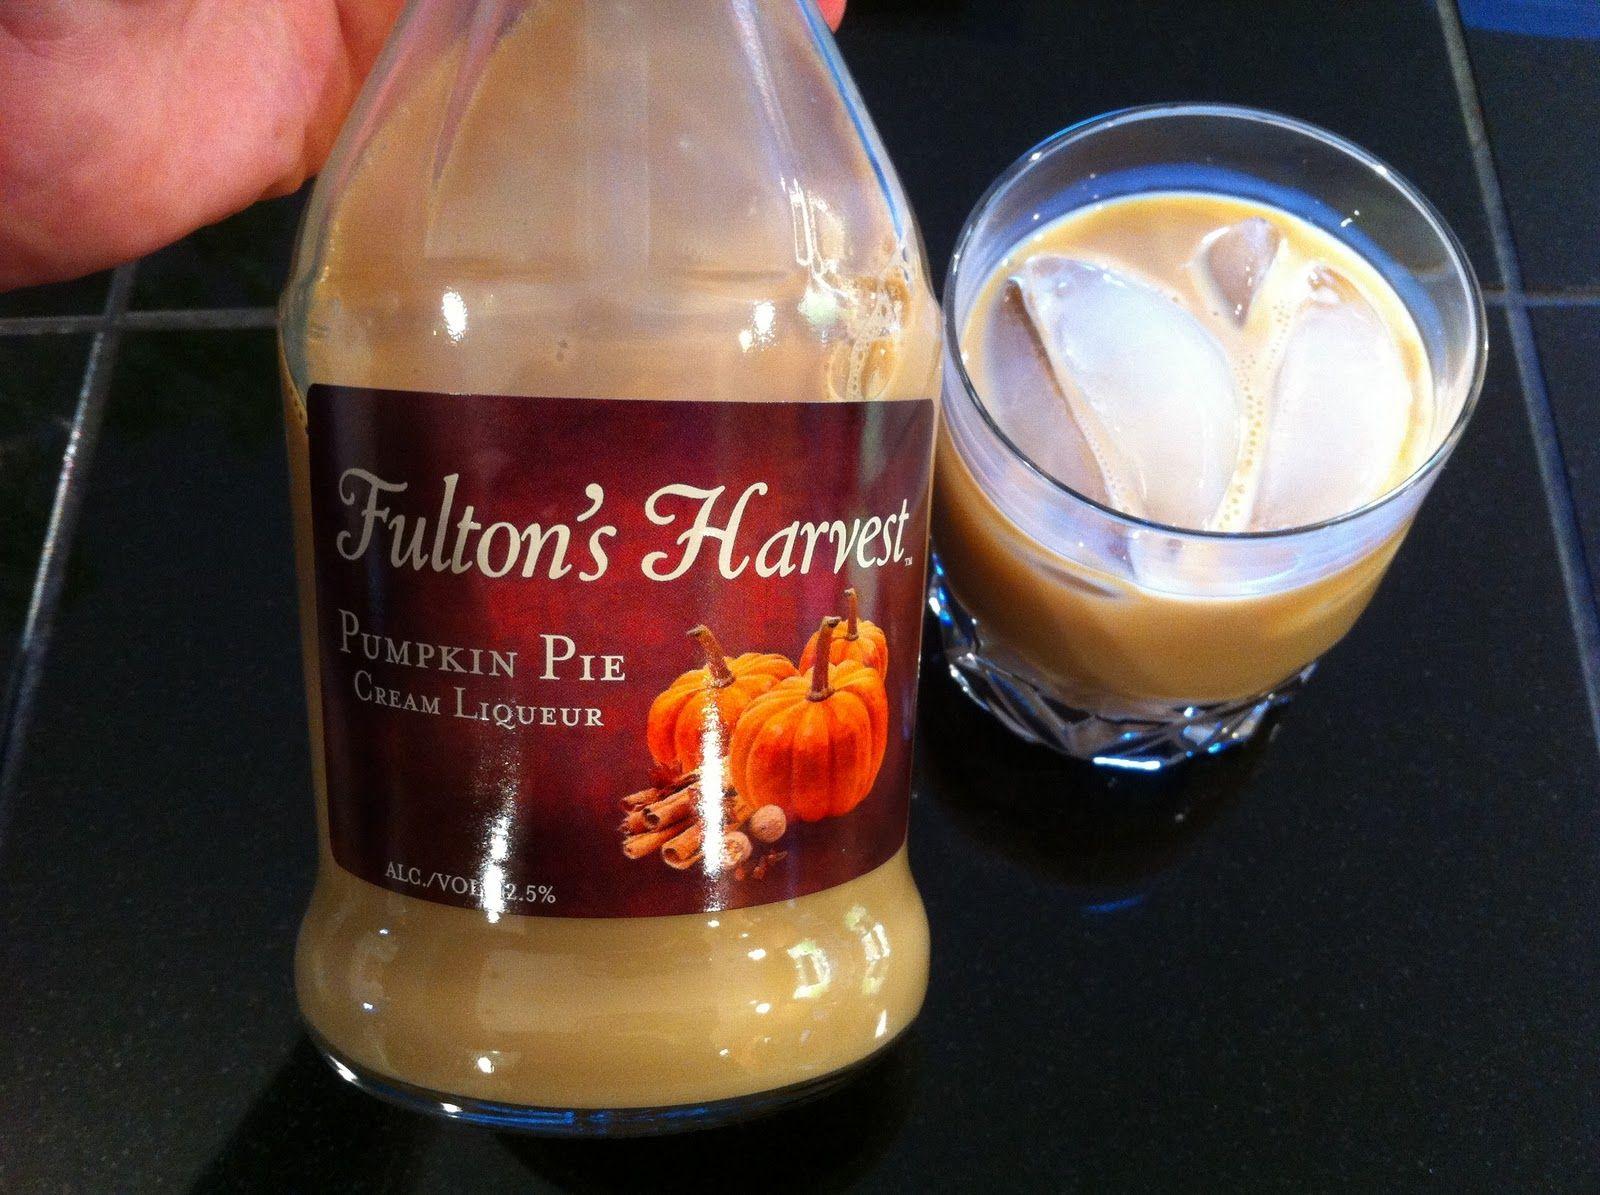 pumpkin pie liquor NorCal Beer Blog Fulton's Harvest